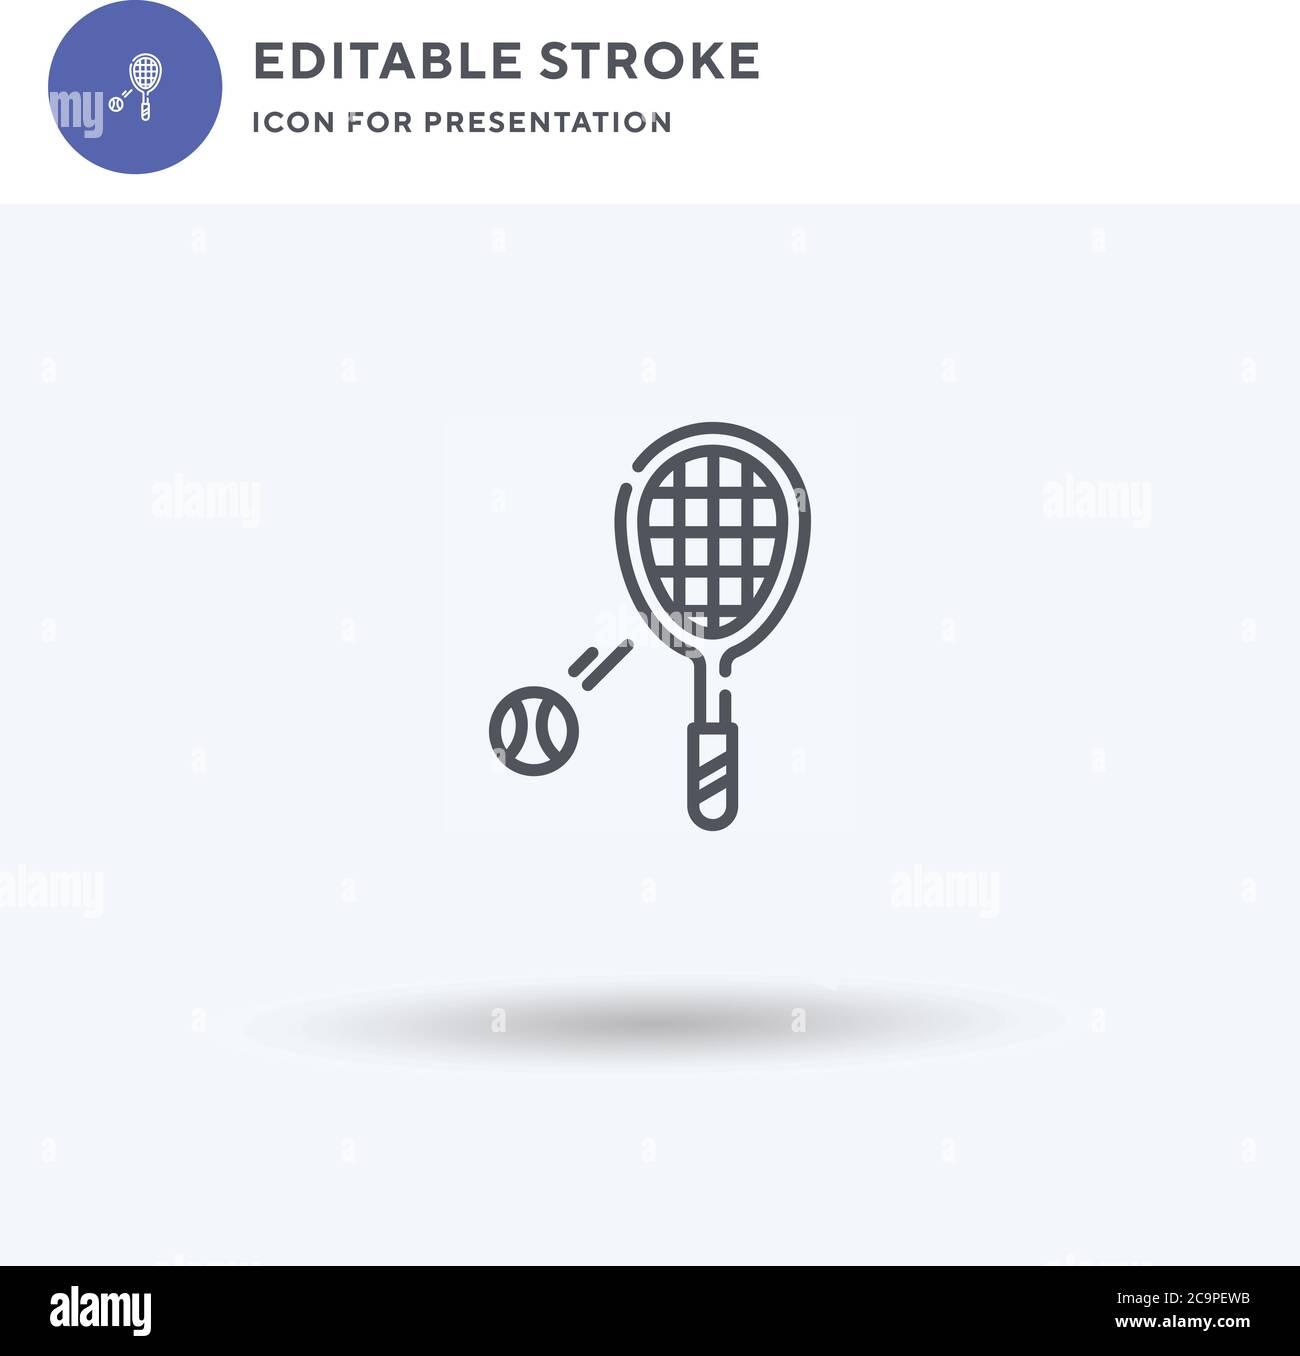 Symbole de tennis, signe plat rempli, pictogramme solide isolé sur blanc, illustration du logo. Icône de tennis pour la présentation. Illustration de Vecteur